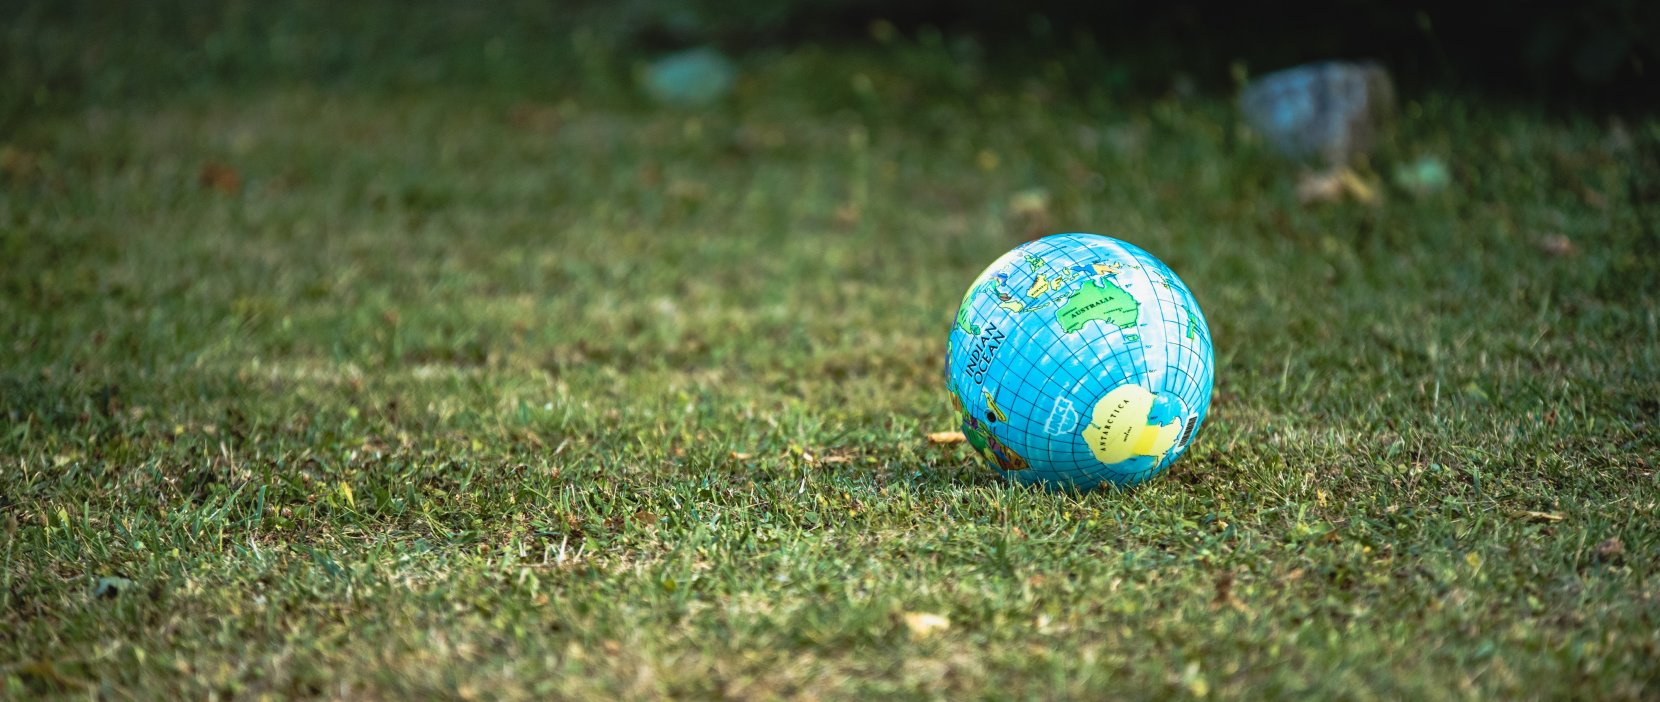 Lille globus på en stor, grøn græsplæne